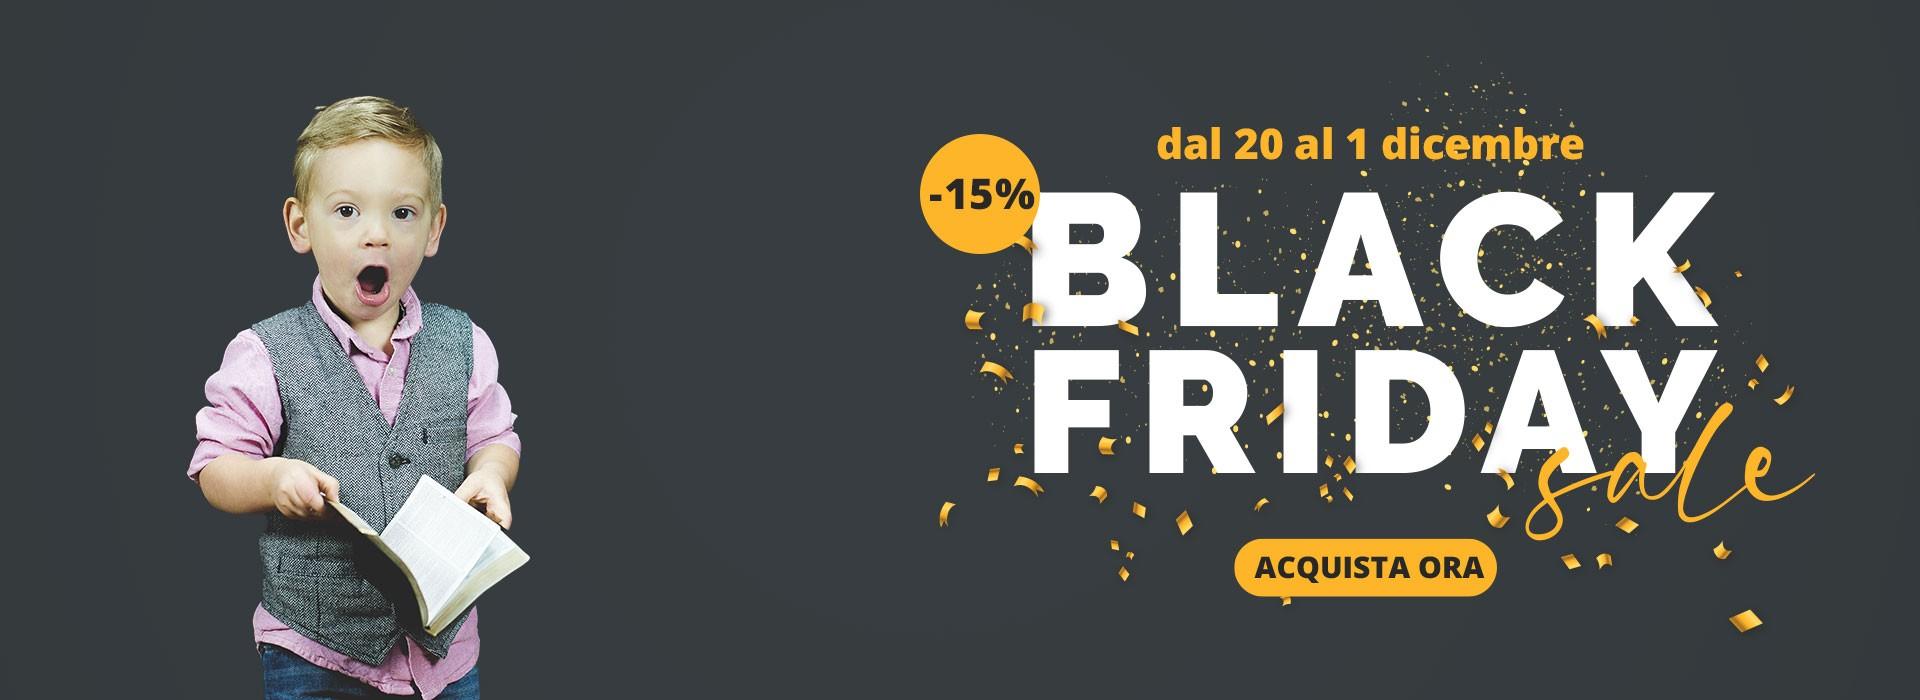 black friday -15% su tutto il catalogo